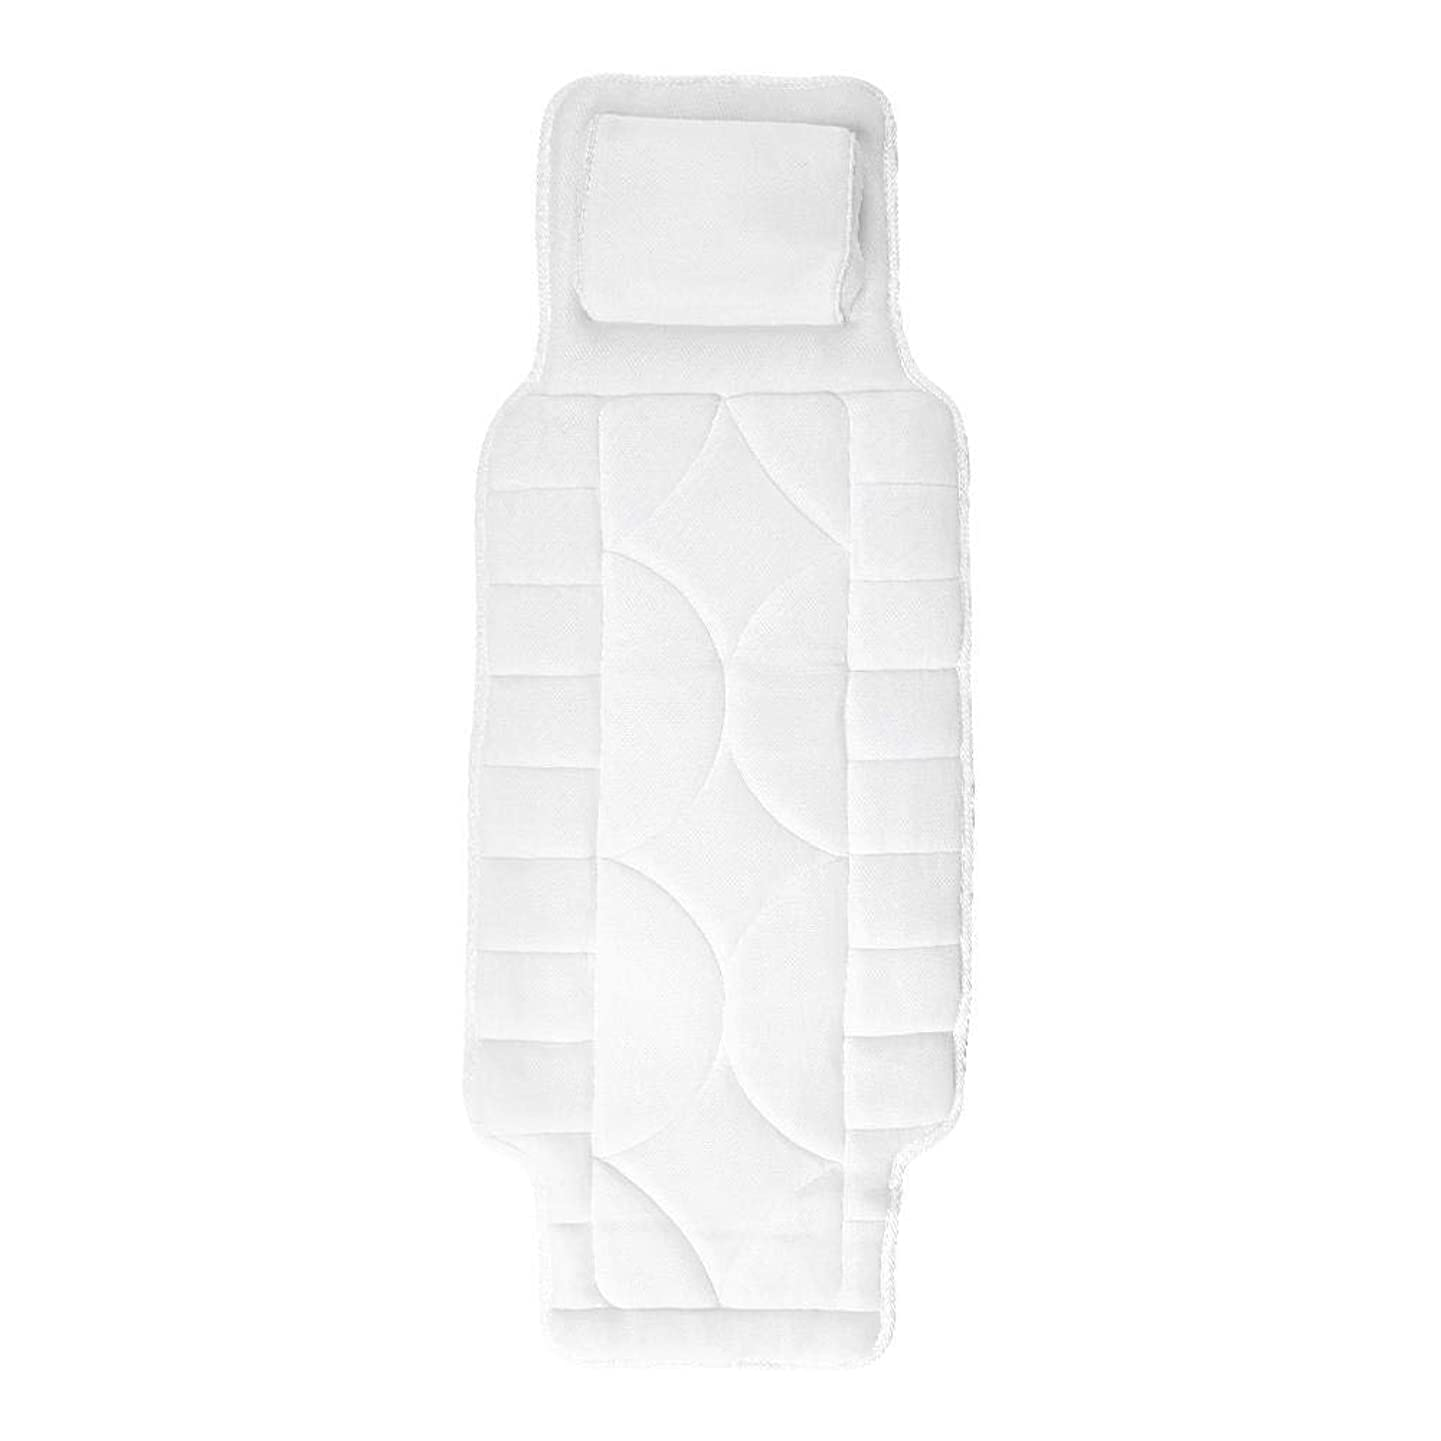 家事をする精神全国10個の吸引カップが付いている浴室の枕フルボディスパ浴槽の枕マット